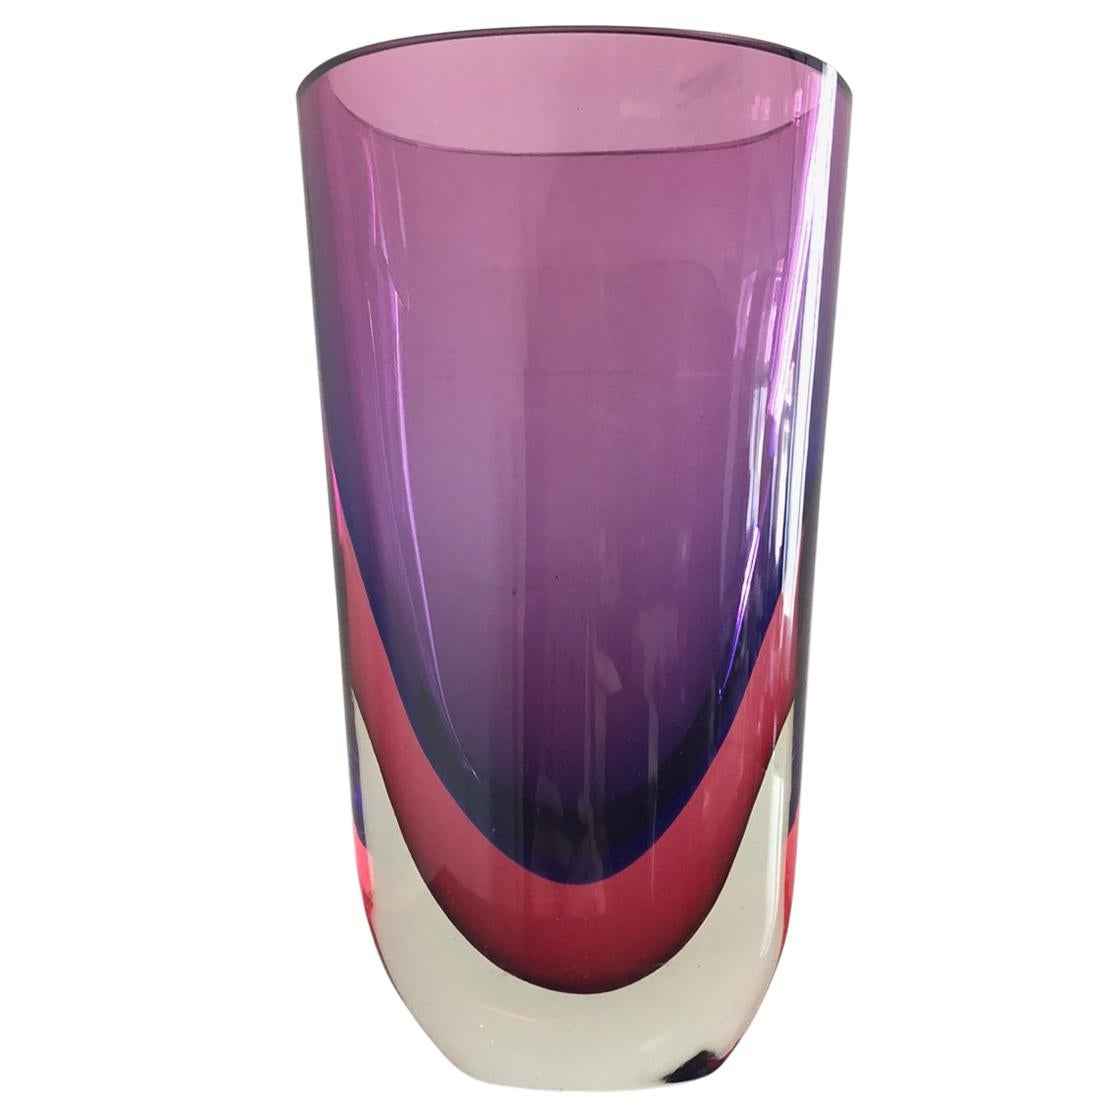 Sommerso Glass Vase by Flavio Poli